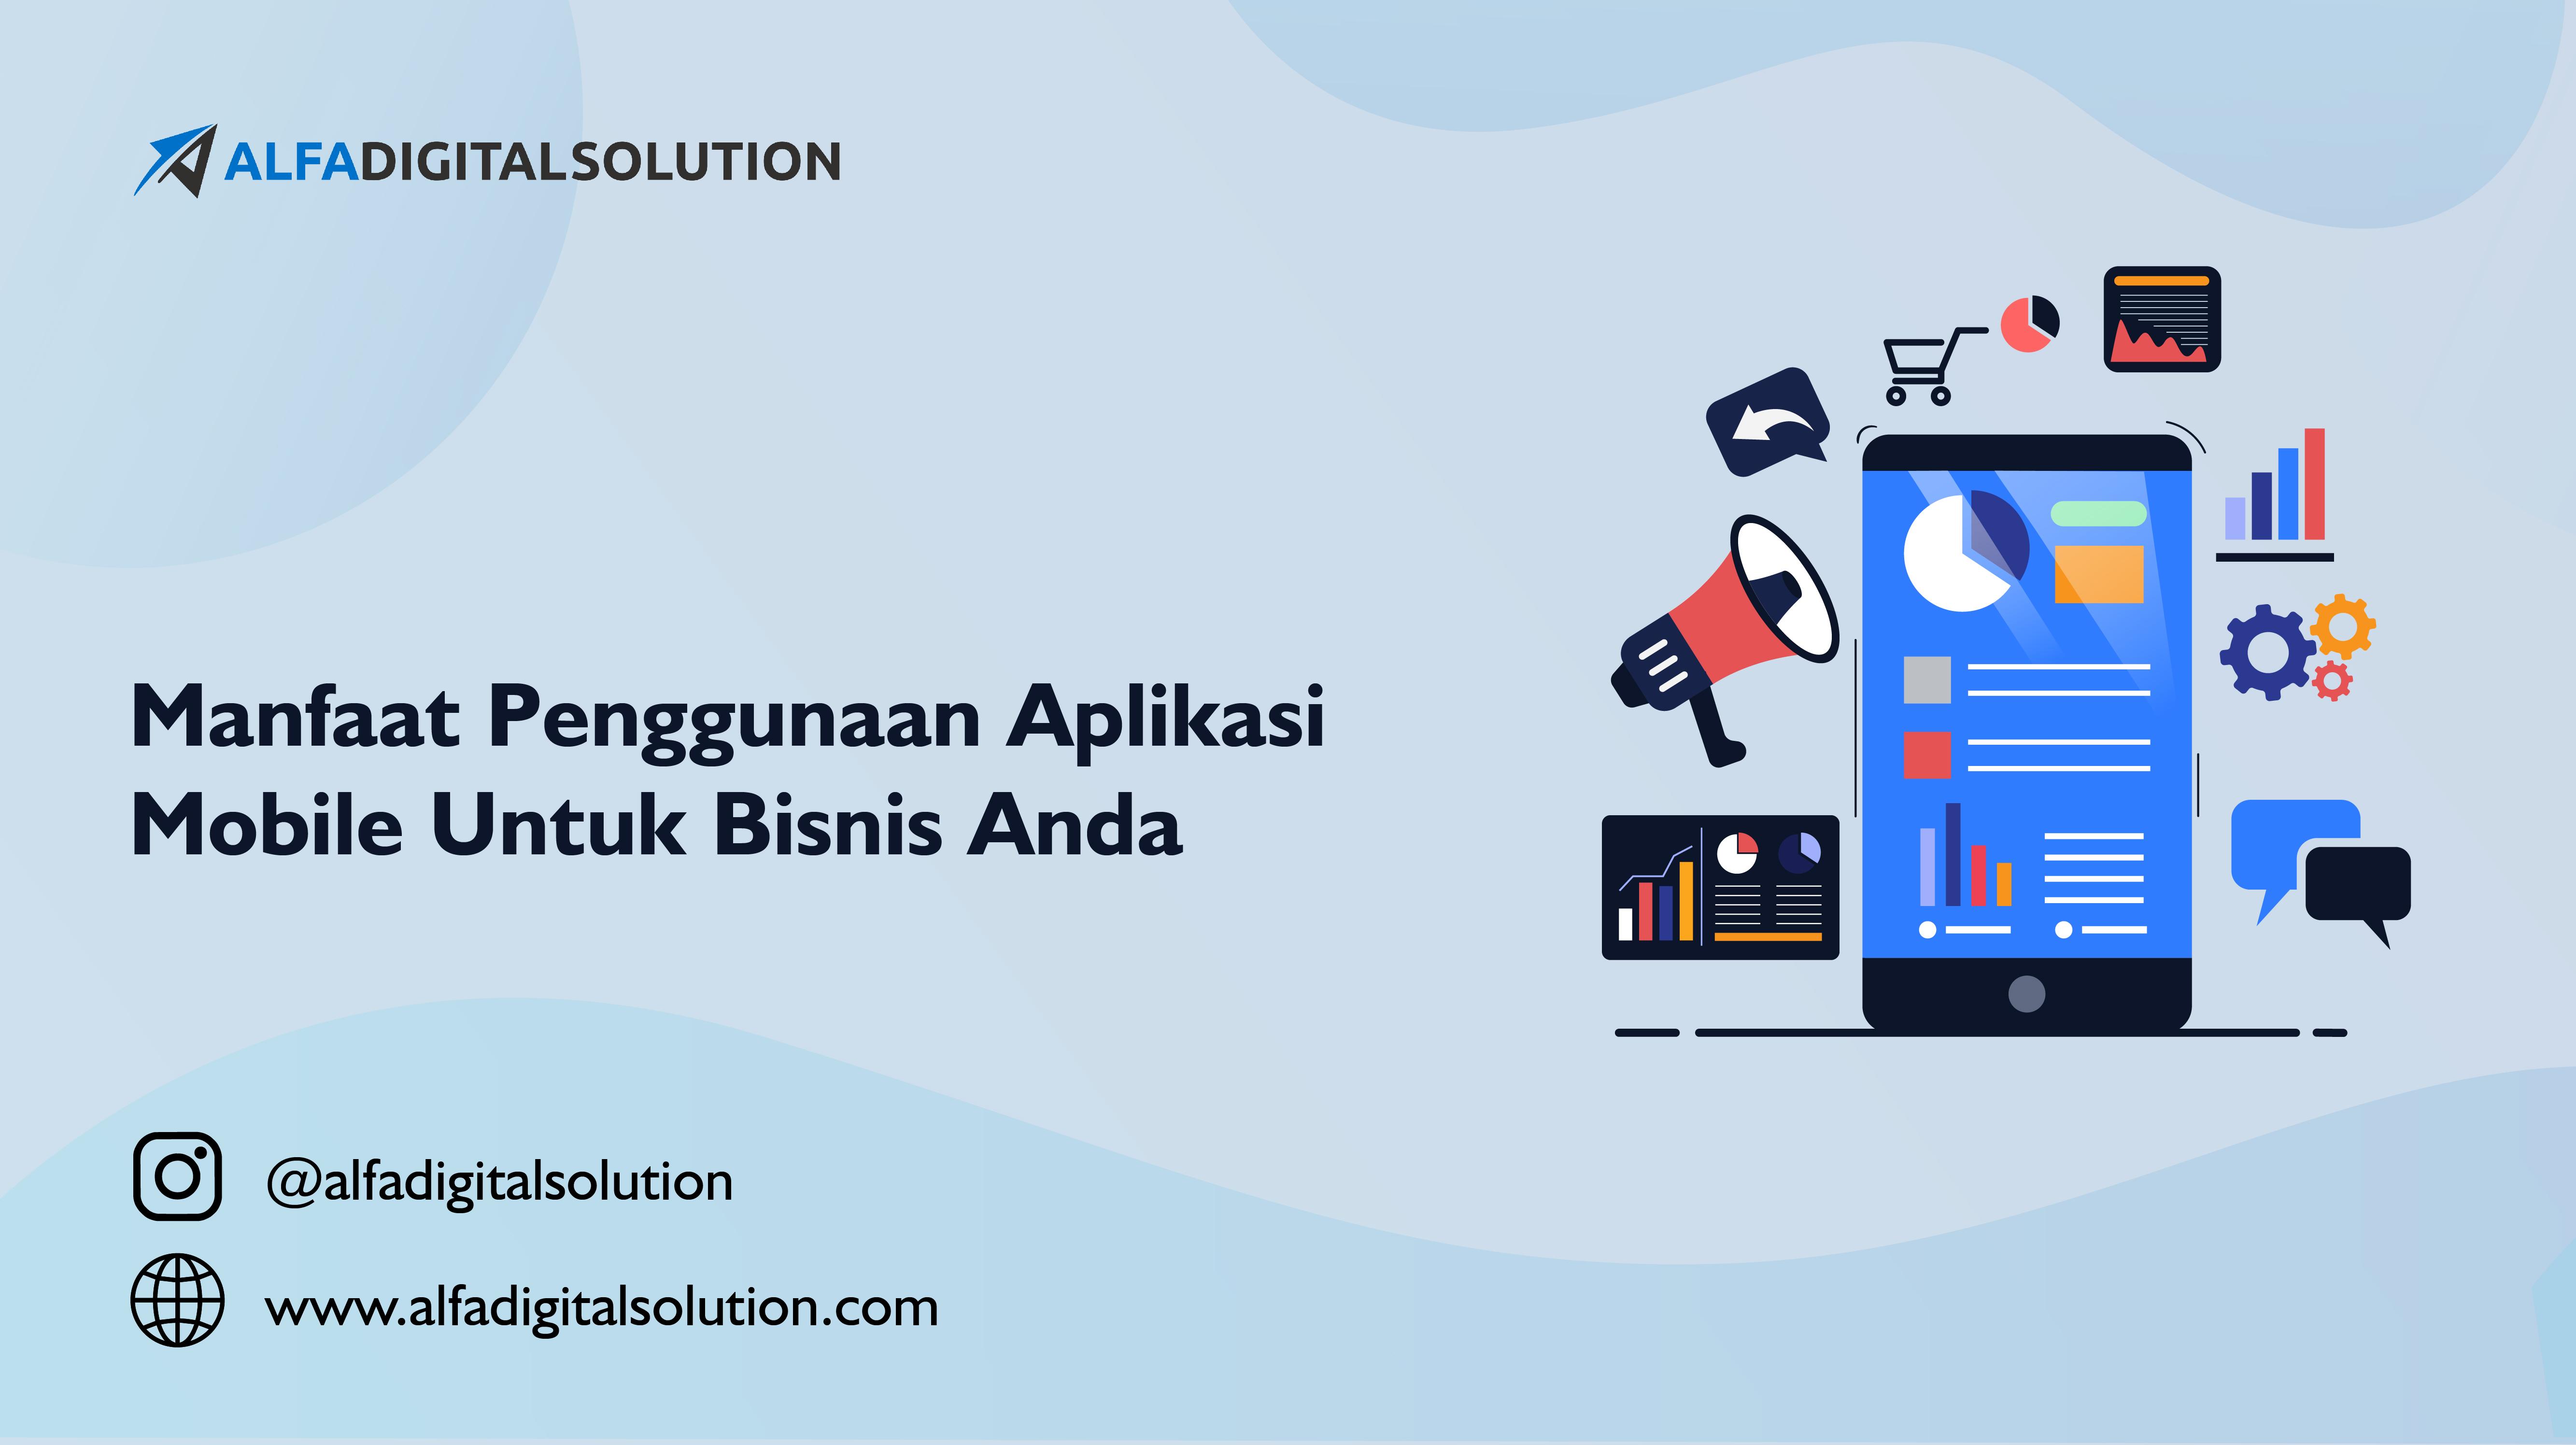 Manfaat Penggunaan Aplikasi Untuk Bisnis Anda